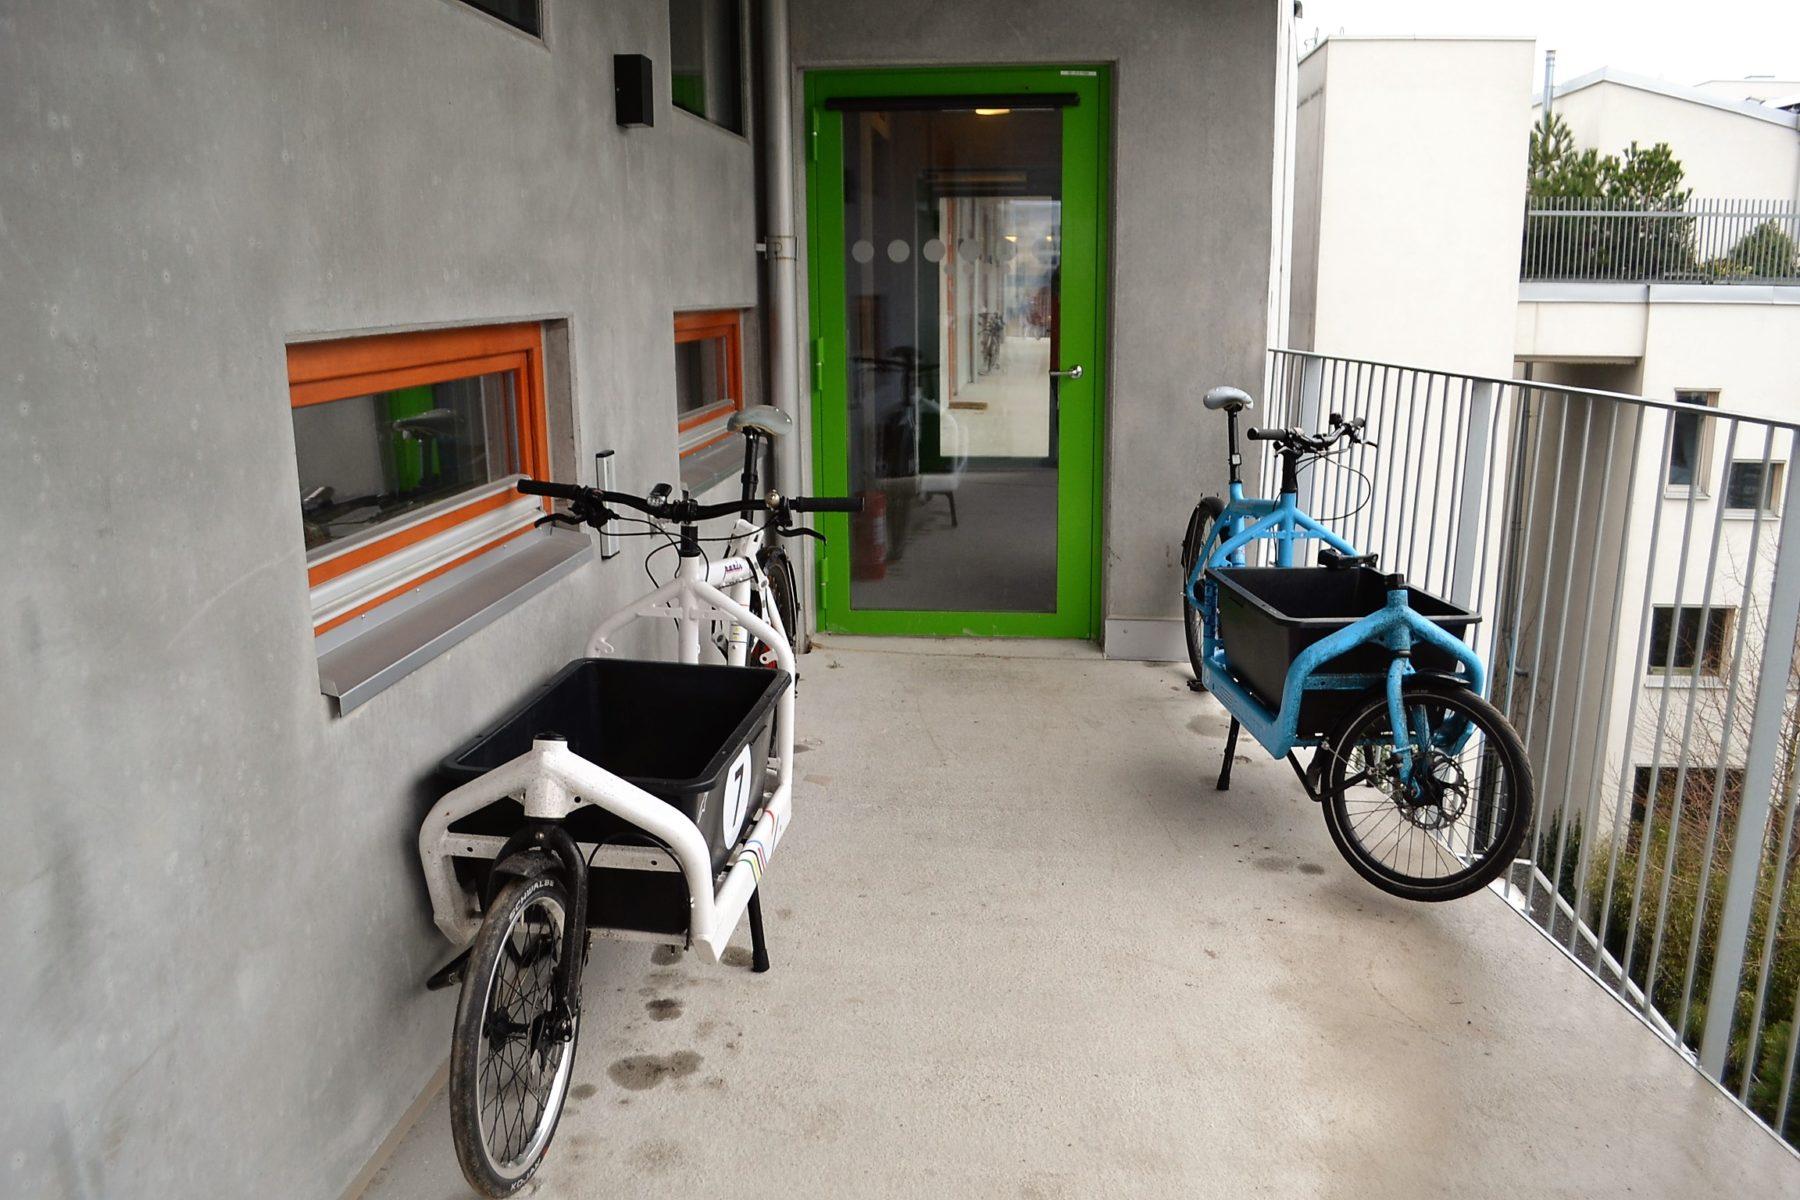 bike-ciclovivo-malmo3